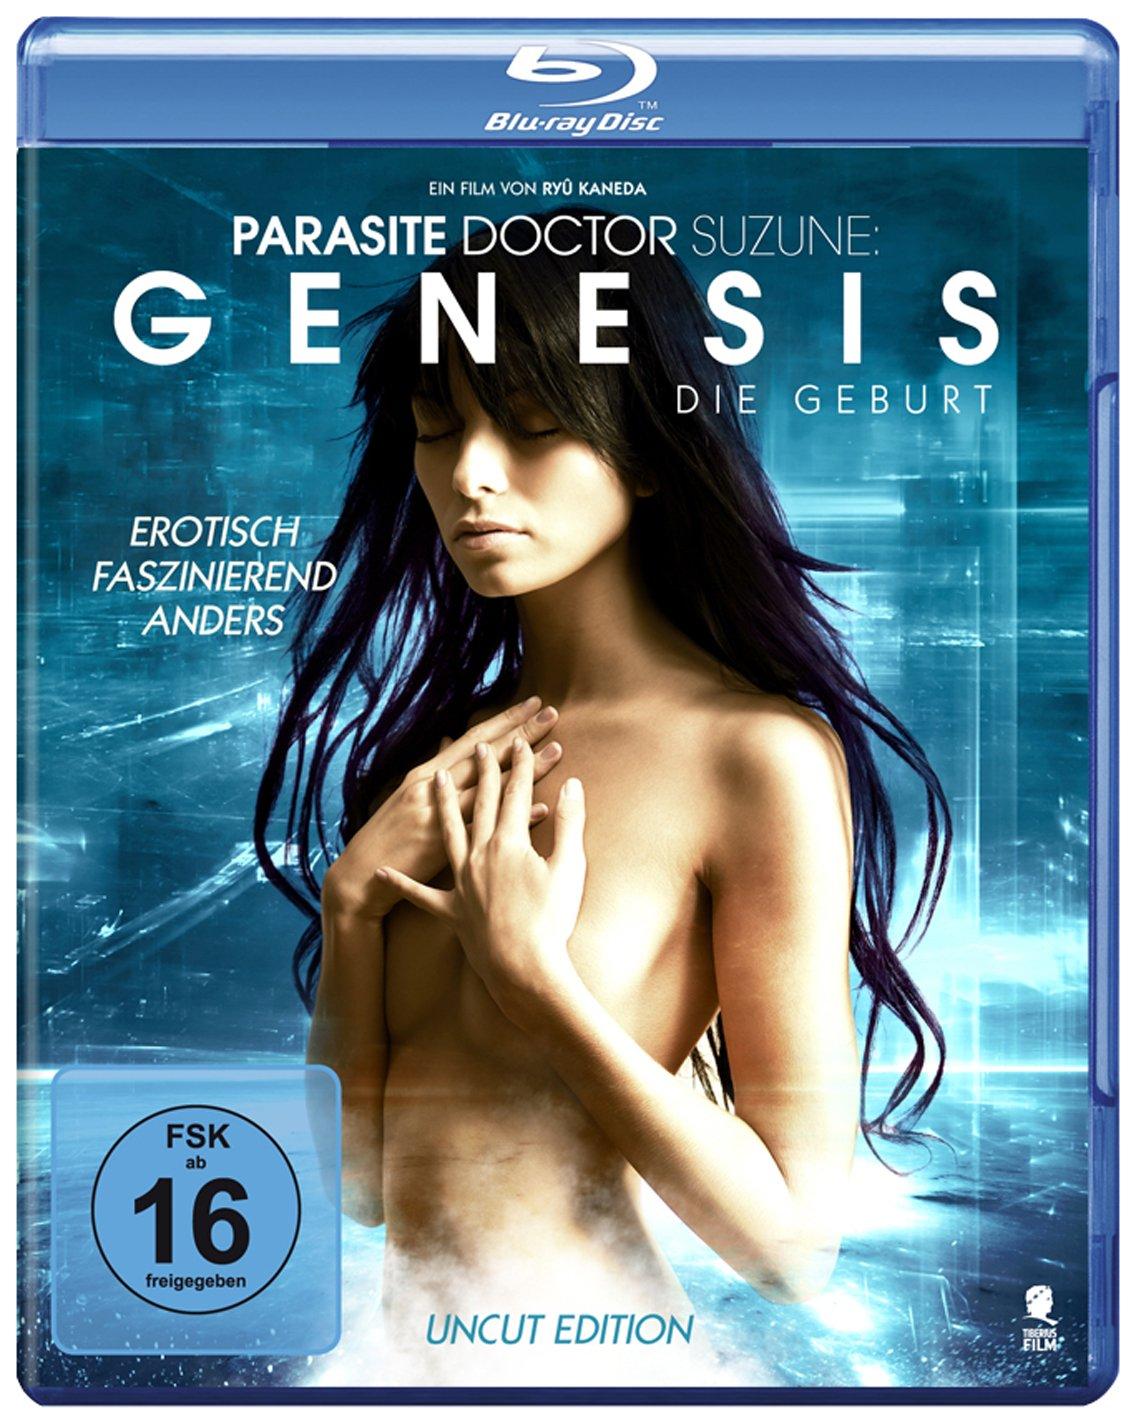 Parasite Doctor Suzune: Genesis - Die Geburt, Blu-ray